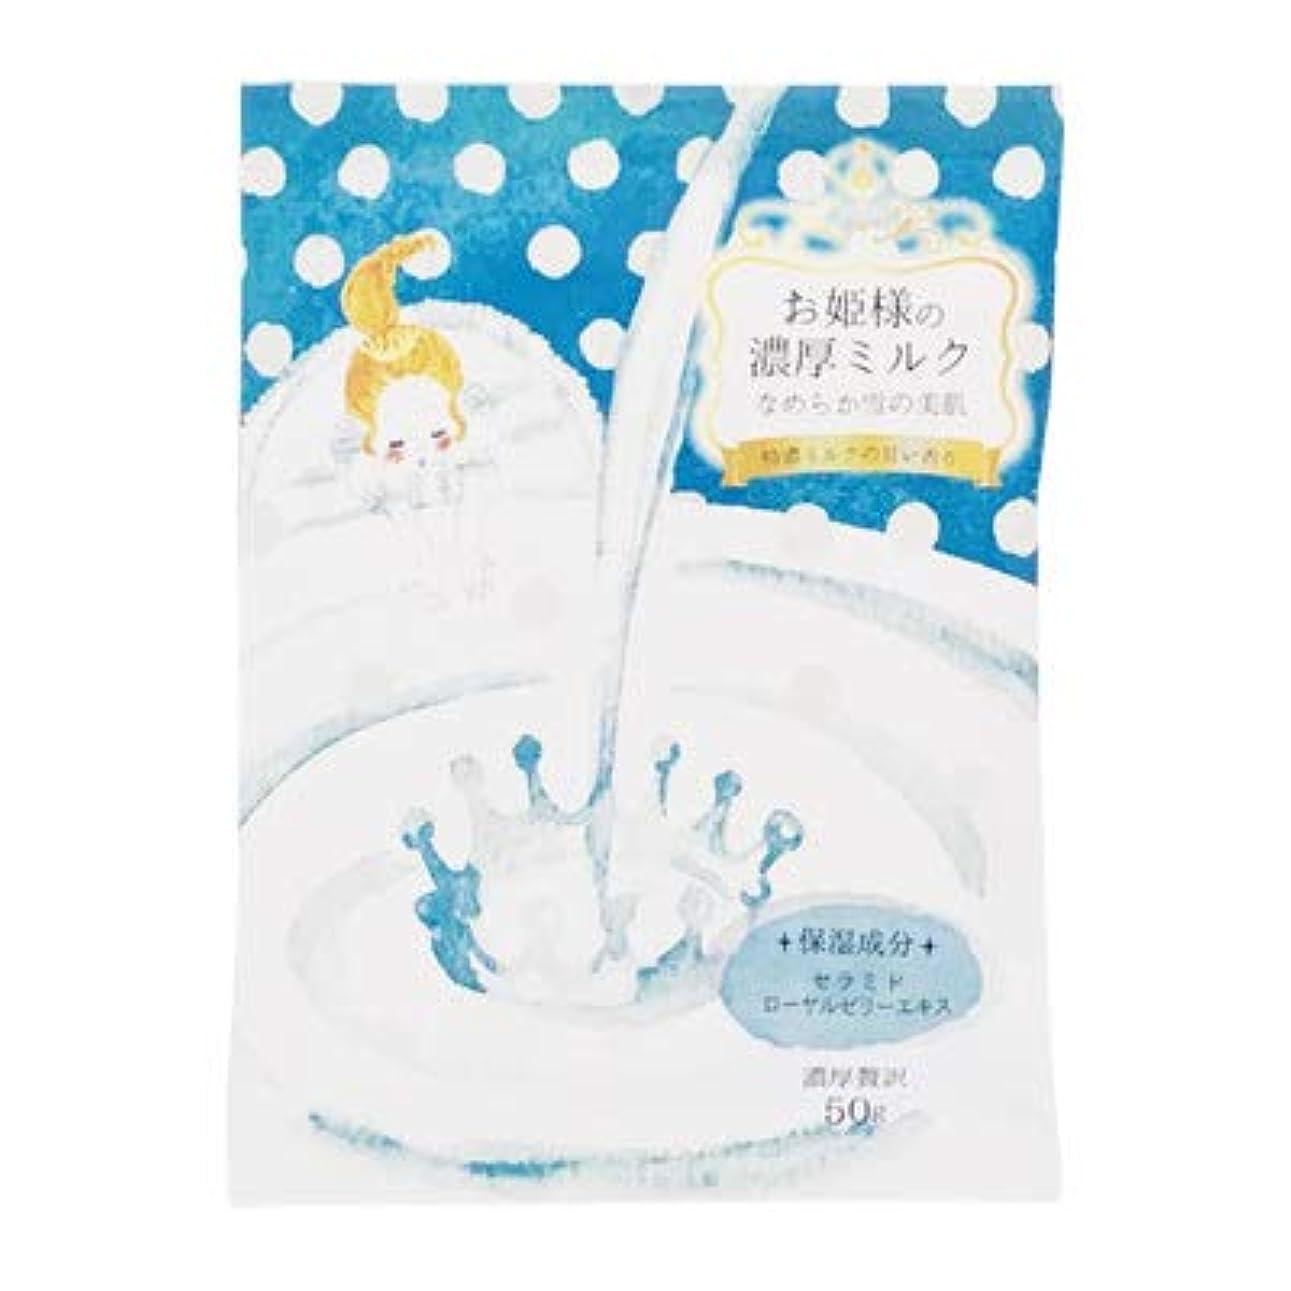 勘違いするルーキー巡礼者【まとめ買い3個セット】 お姫様風呂 濃厚ミルク